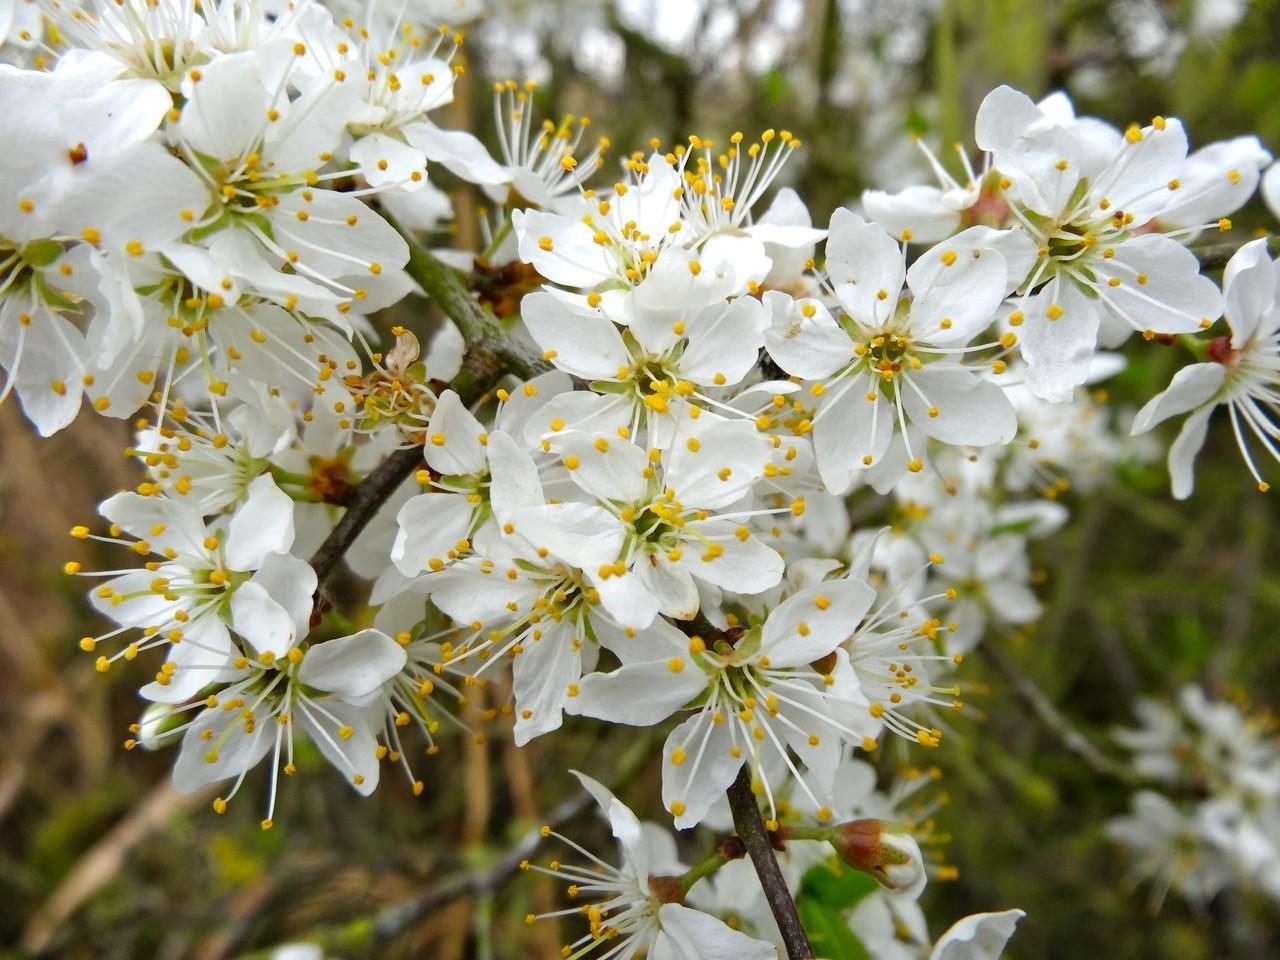 Blackthorn (Prunus spinosa),